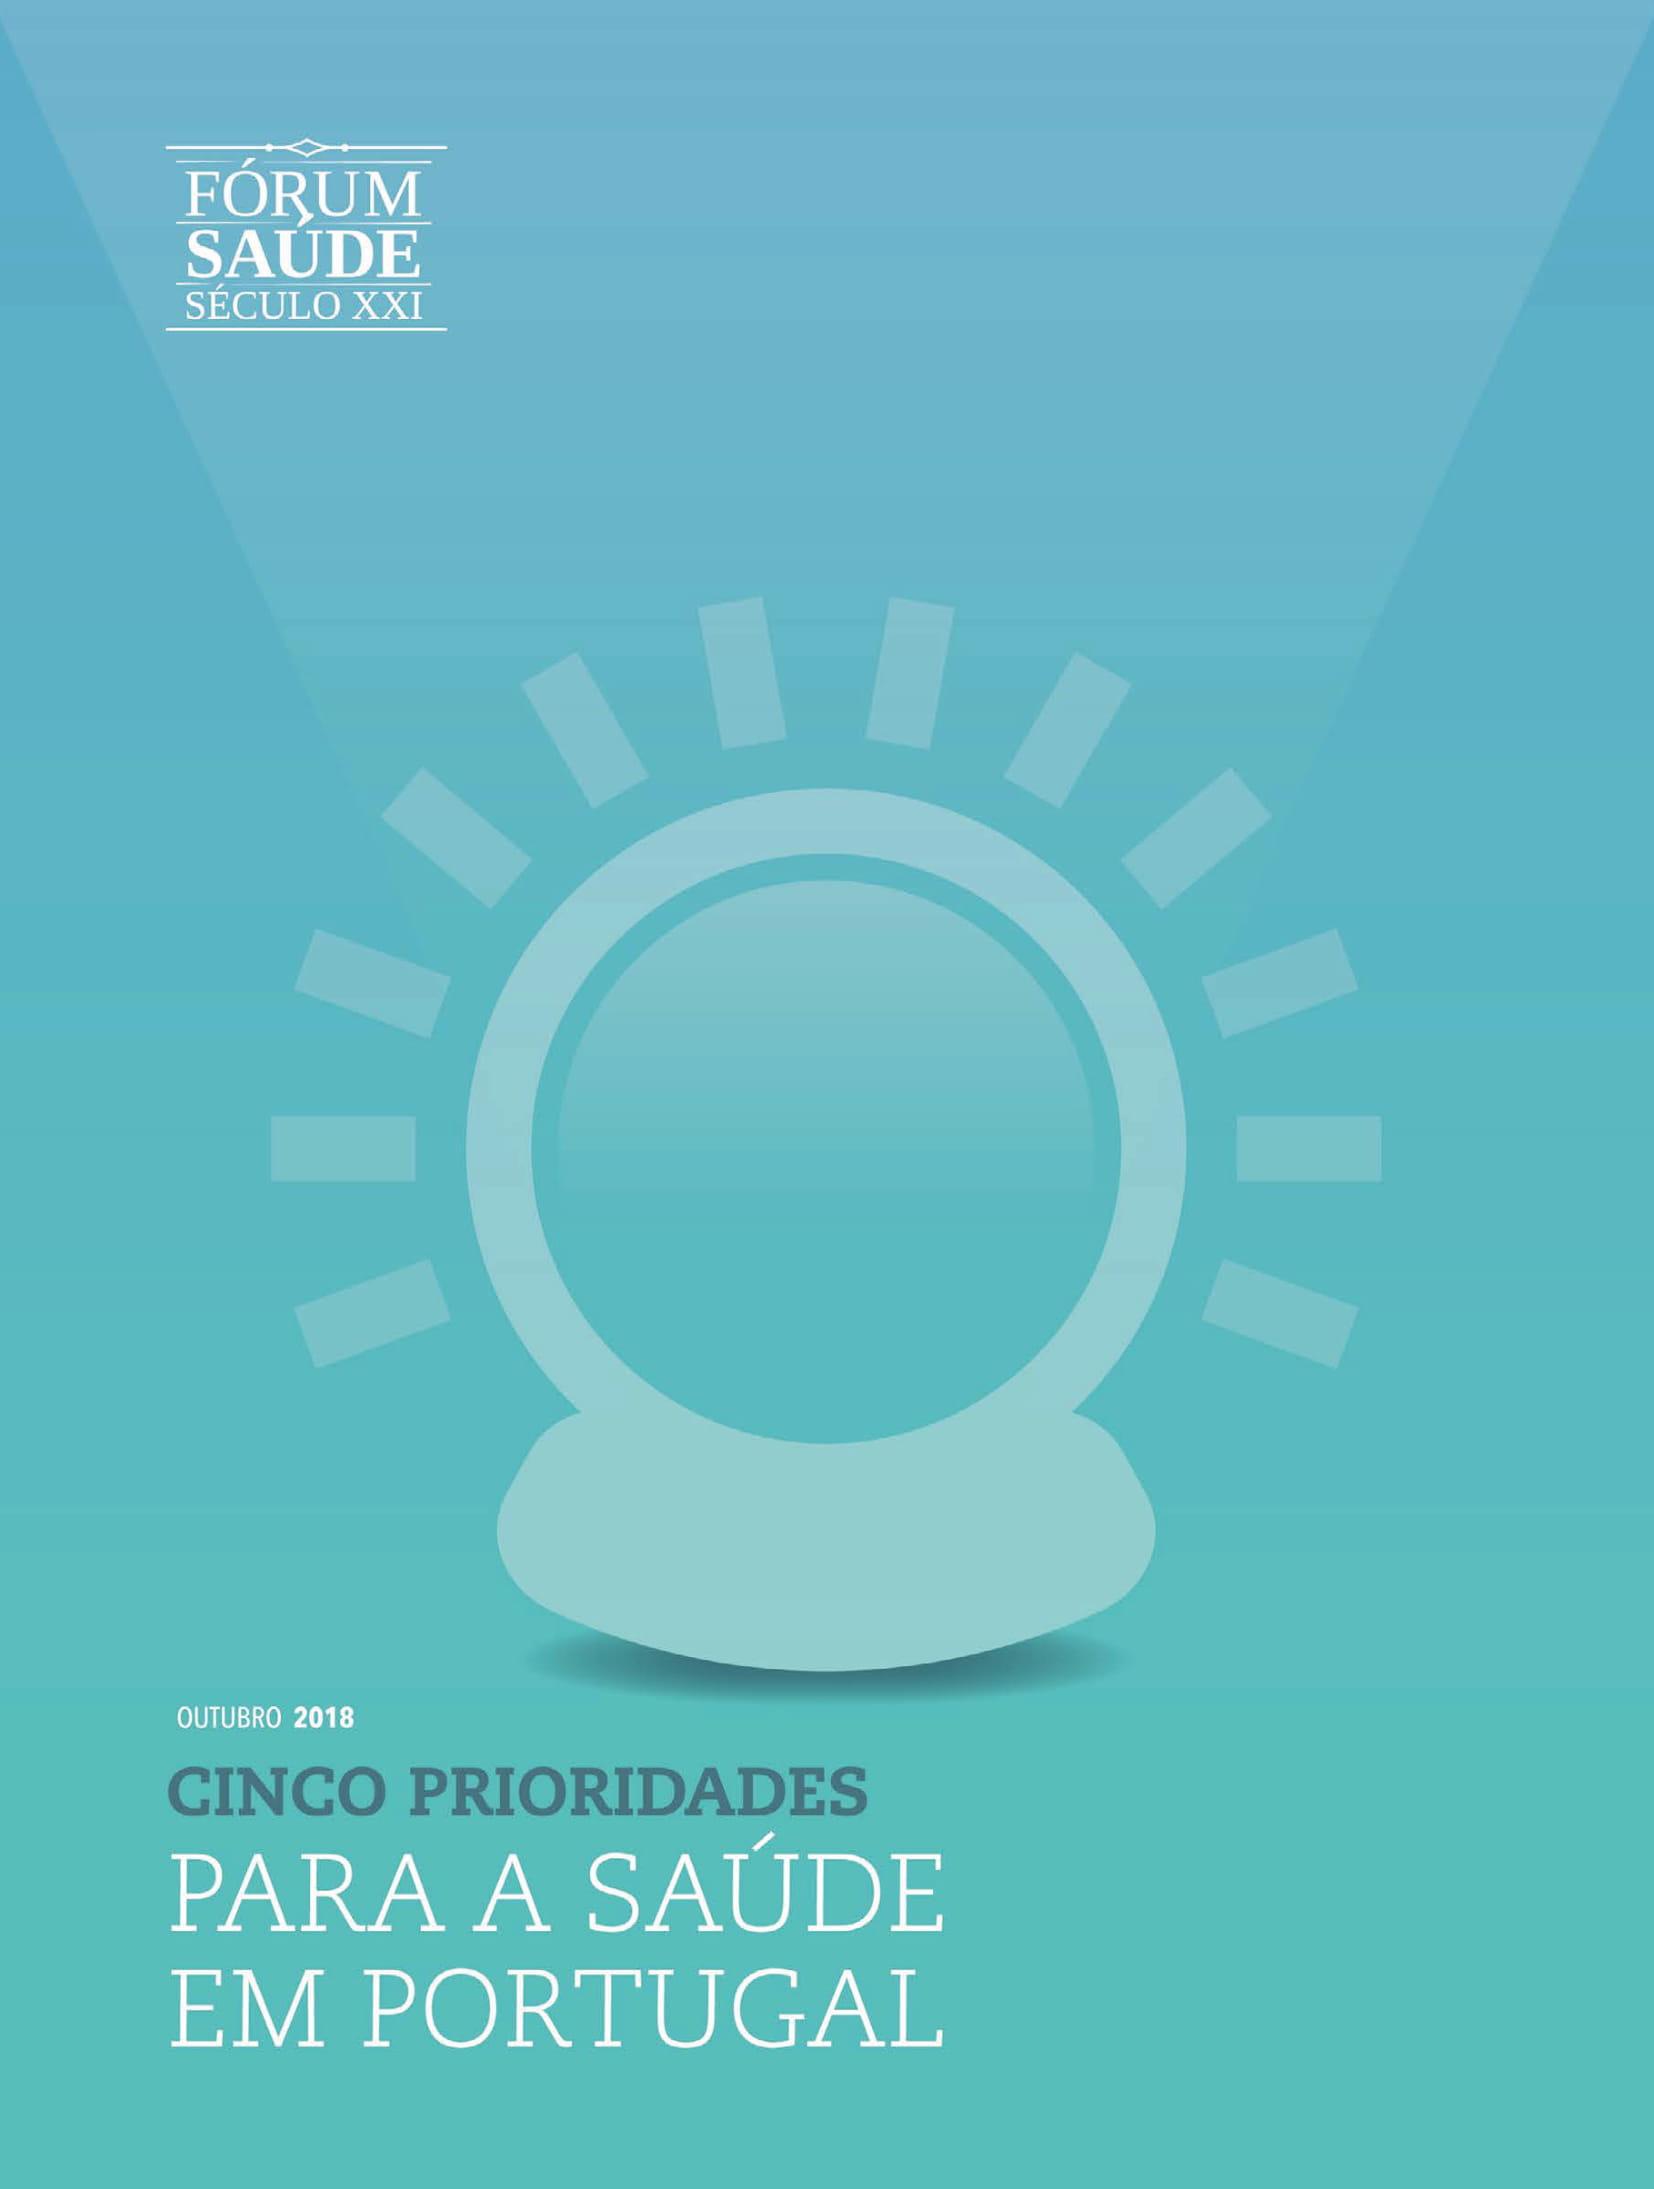 Cinco prioridades para a Saúde em Portugal